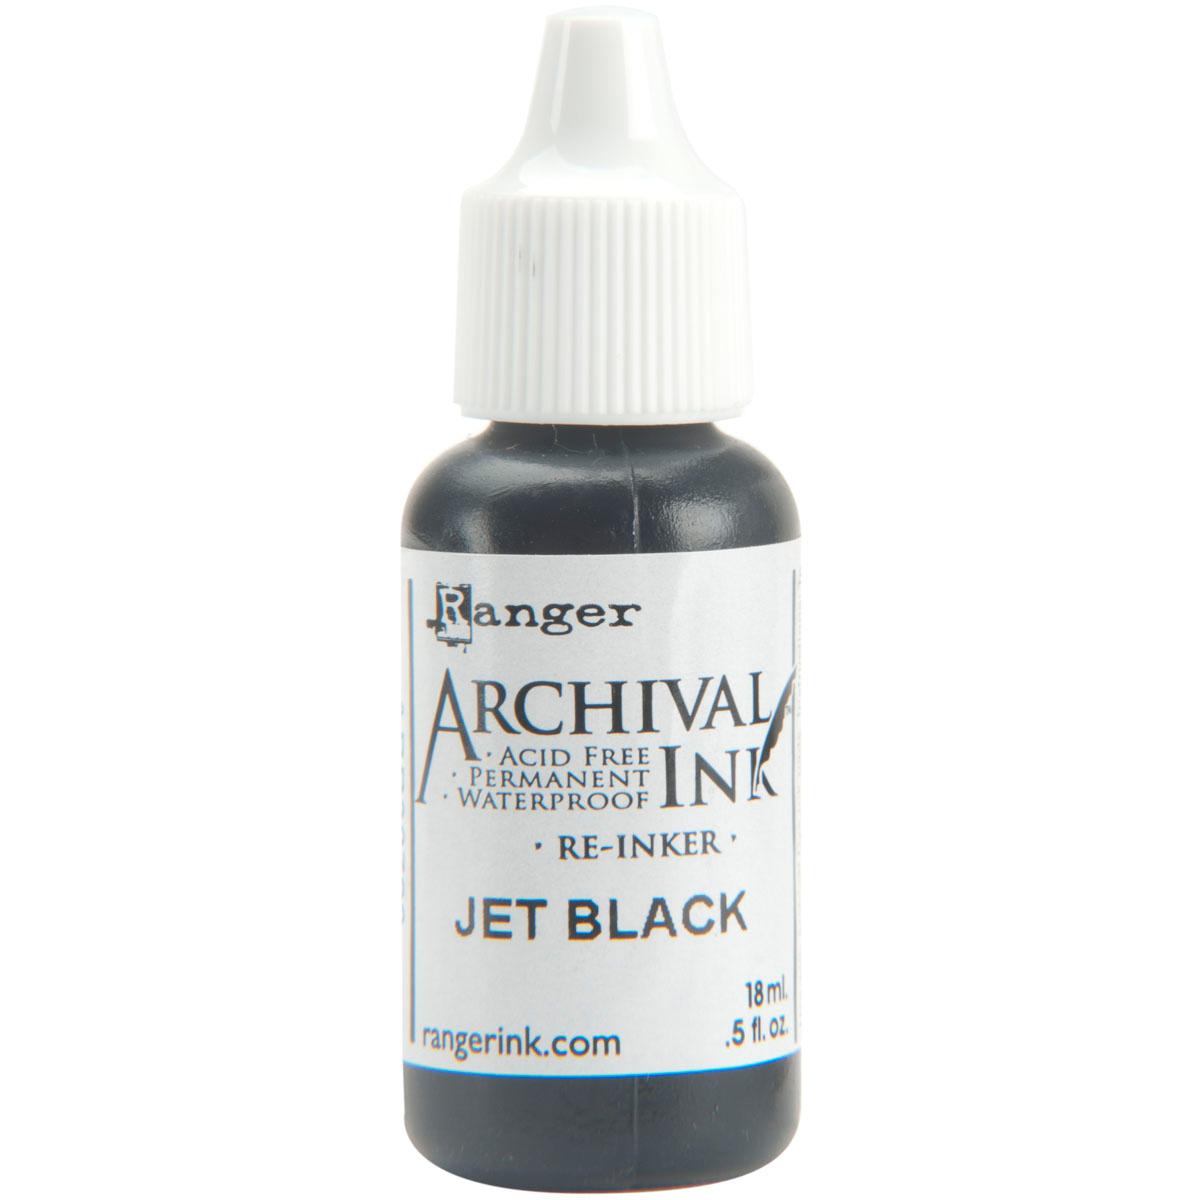 Ranger Archival Pad Reinker .5oz-Jet Black